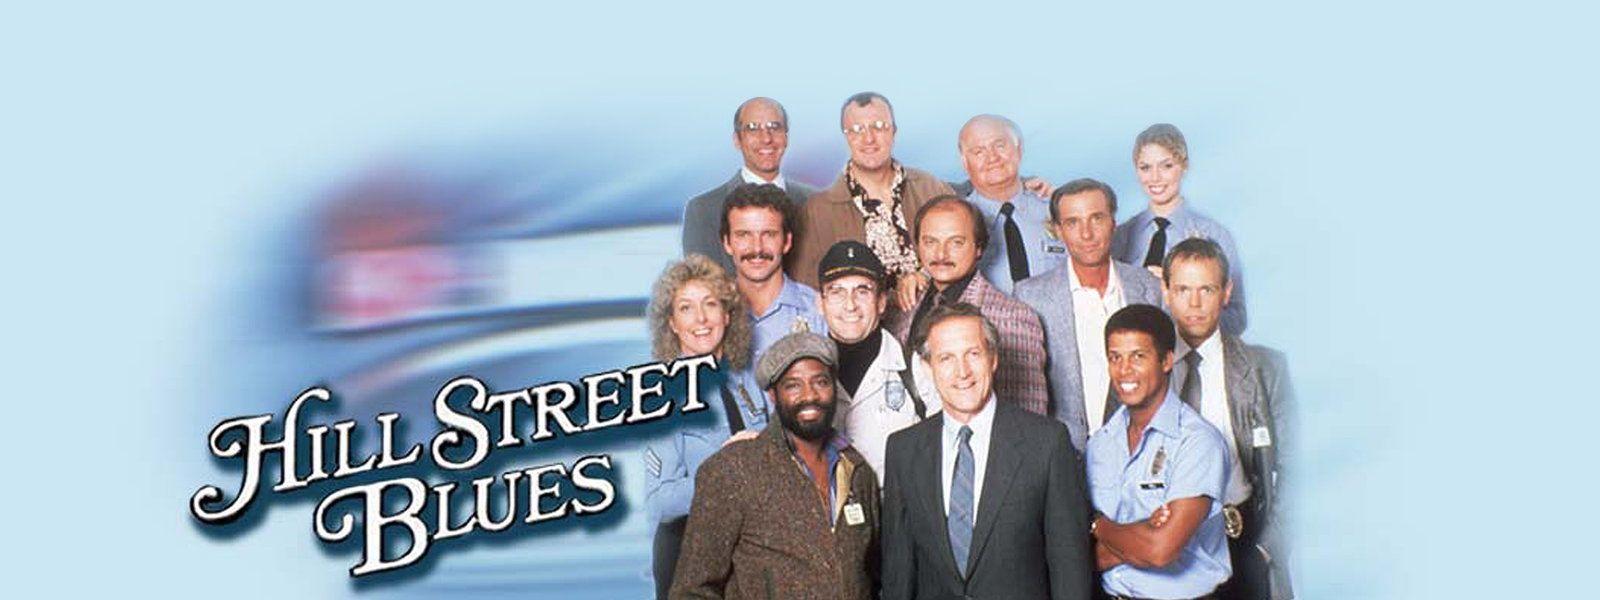 Falando em Série: CHUMBO GROSSO (Hill Street Blues) -1981